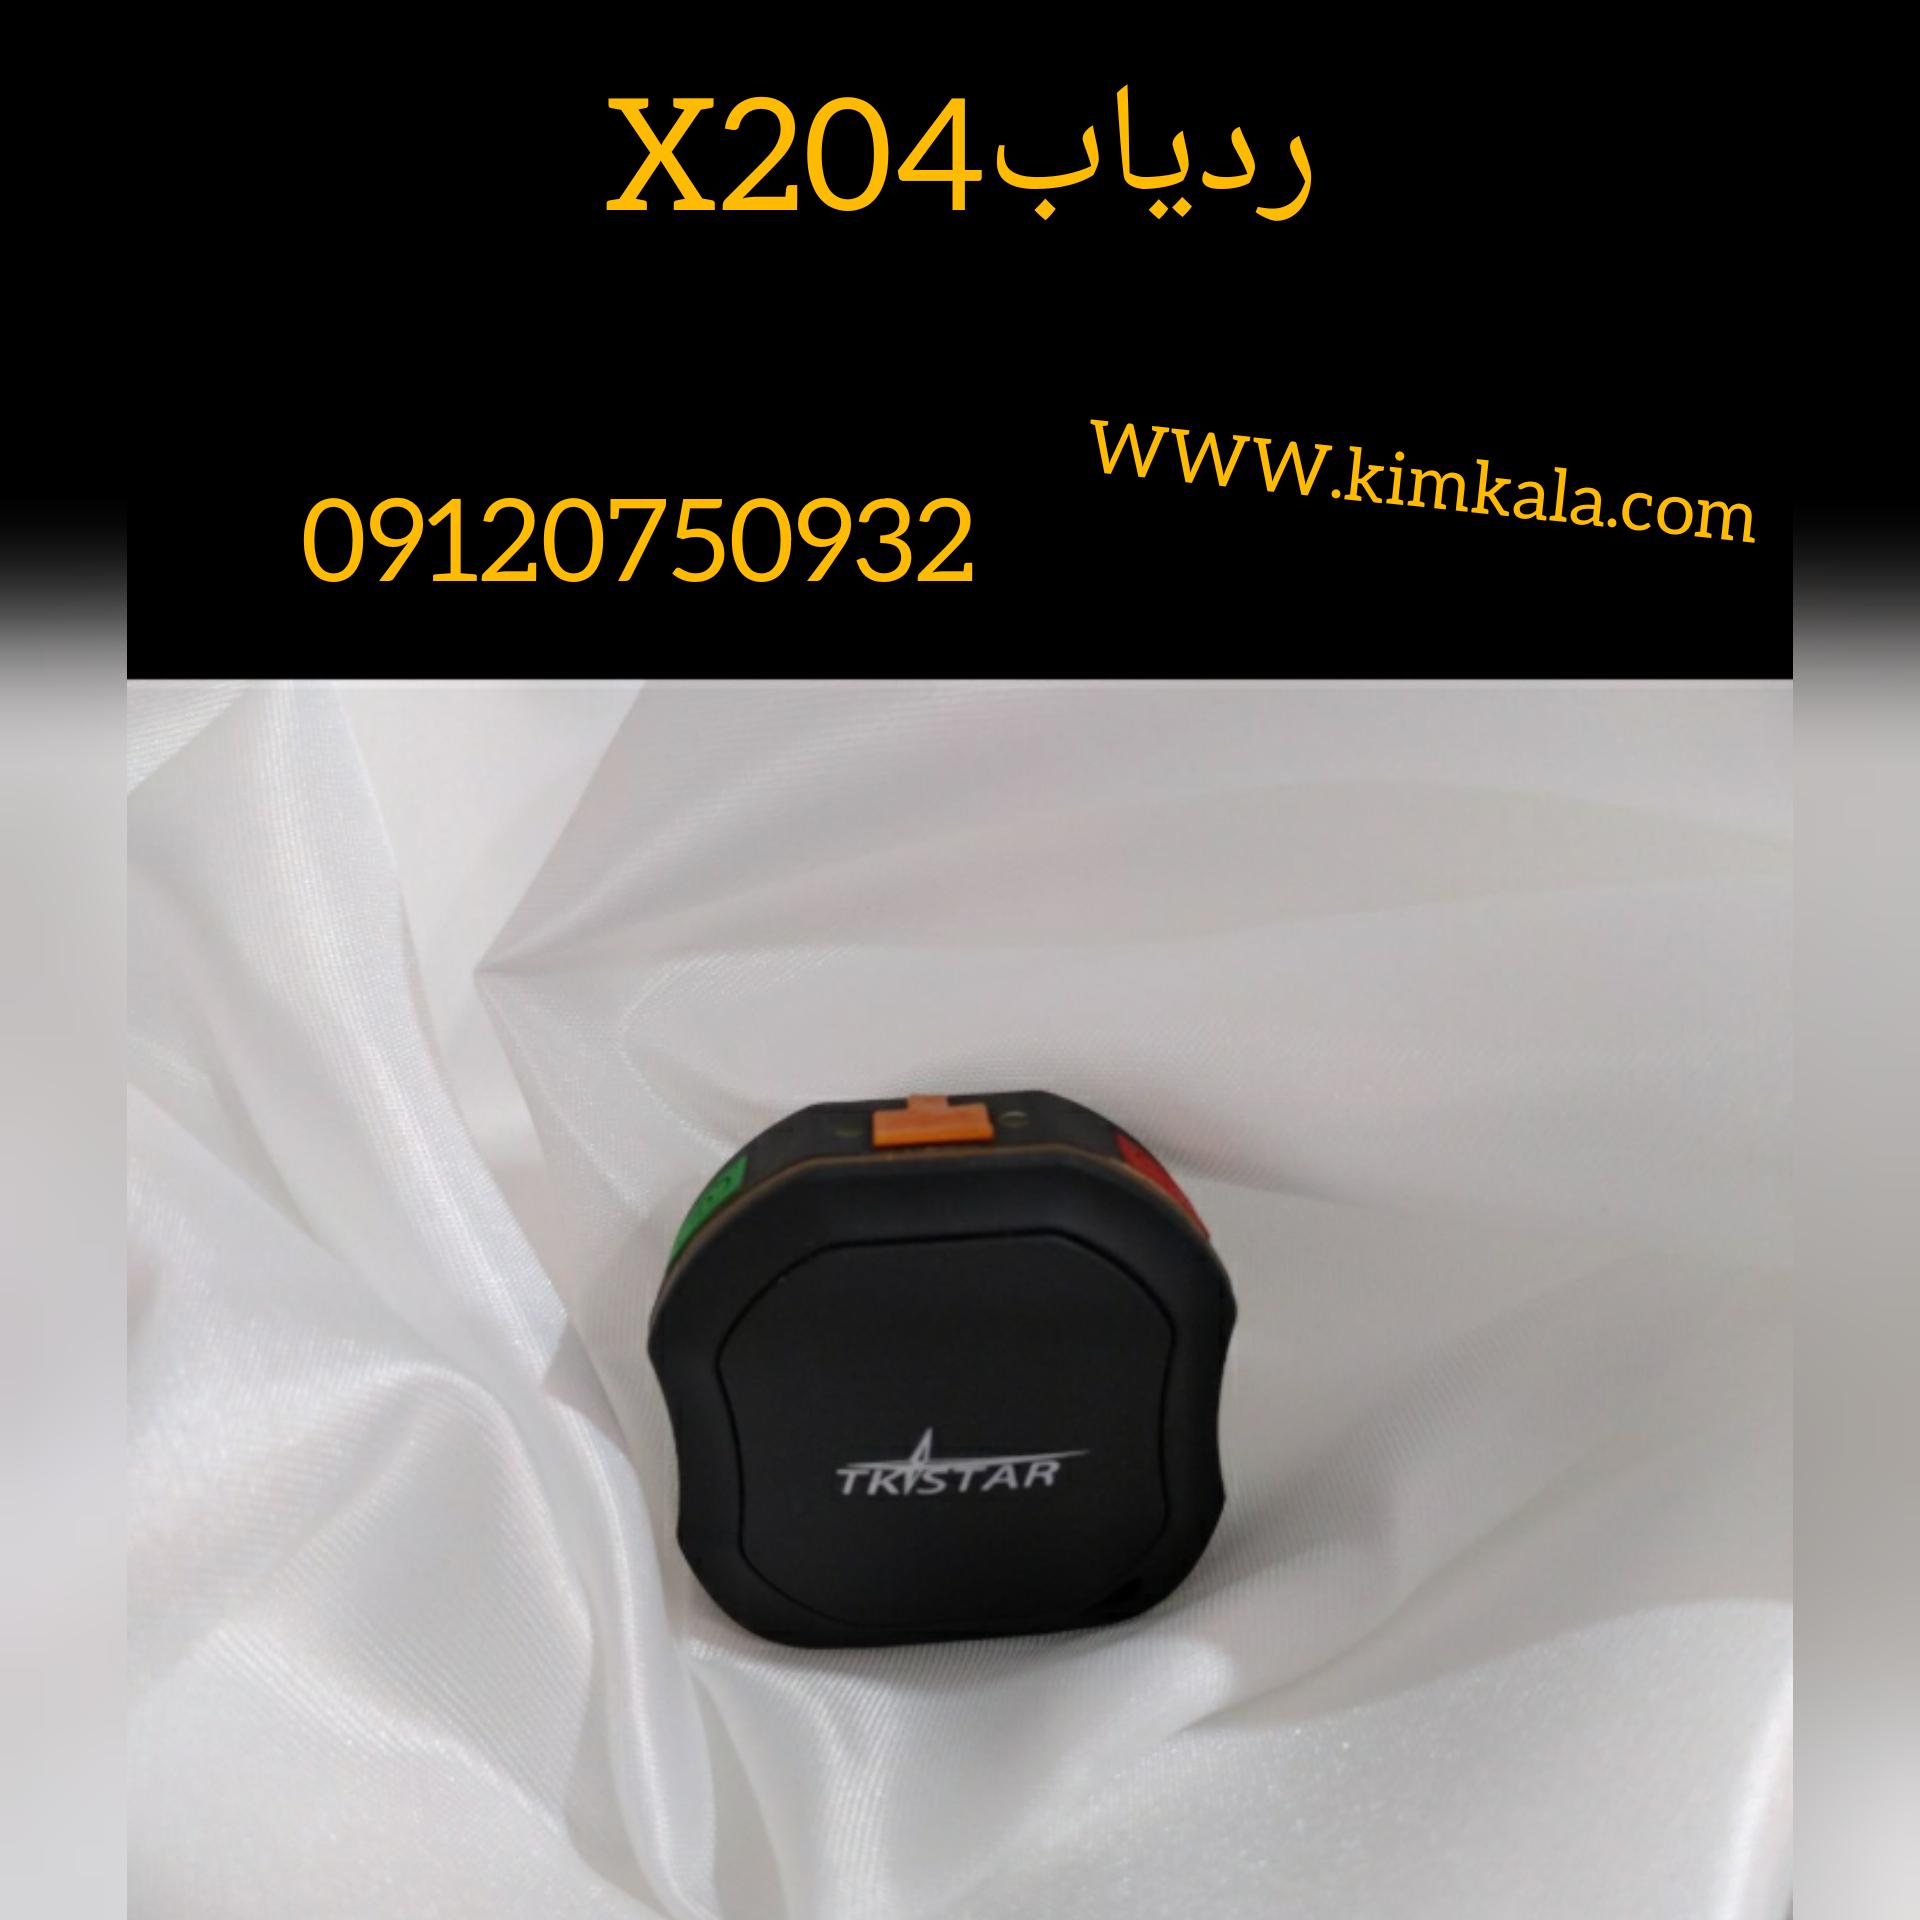 ردیاب شخصی X204/دقیق ترین ردیاب /09120750932